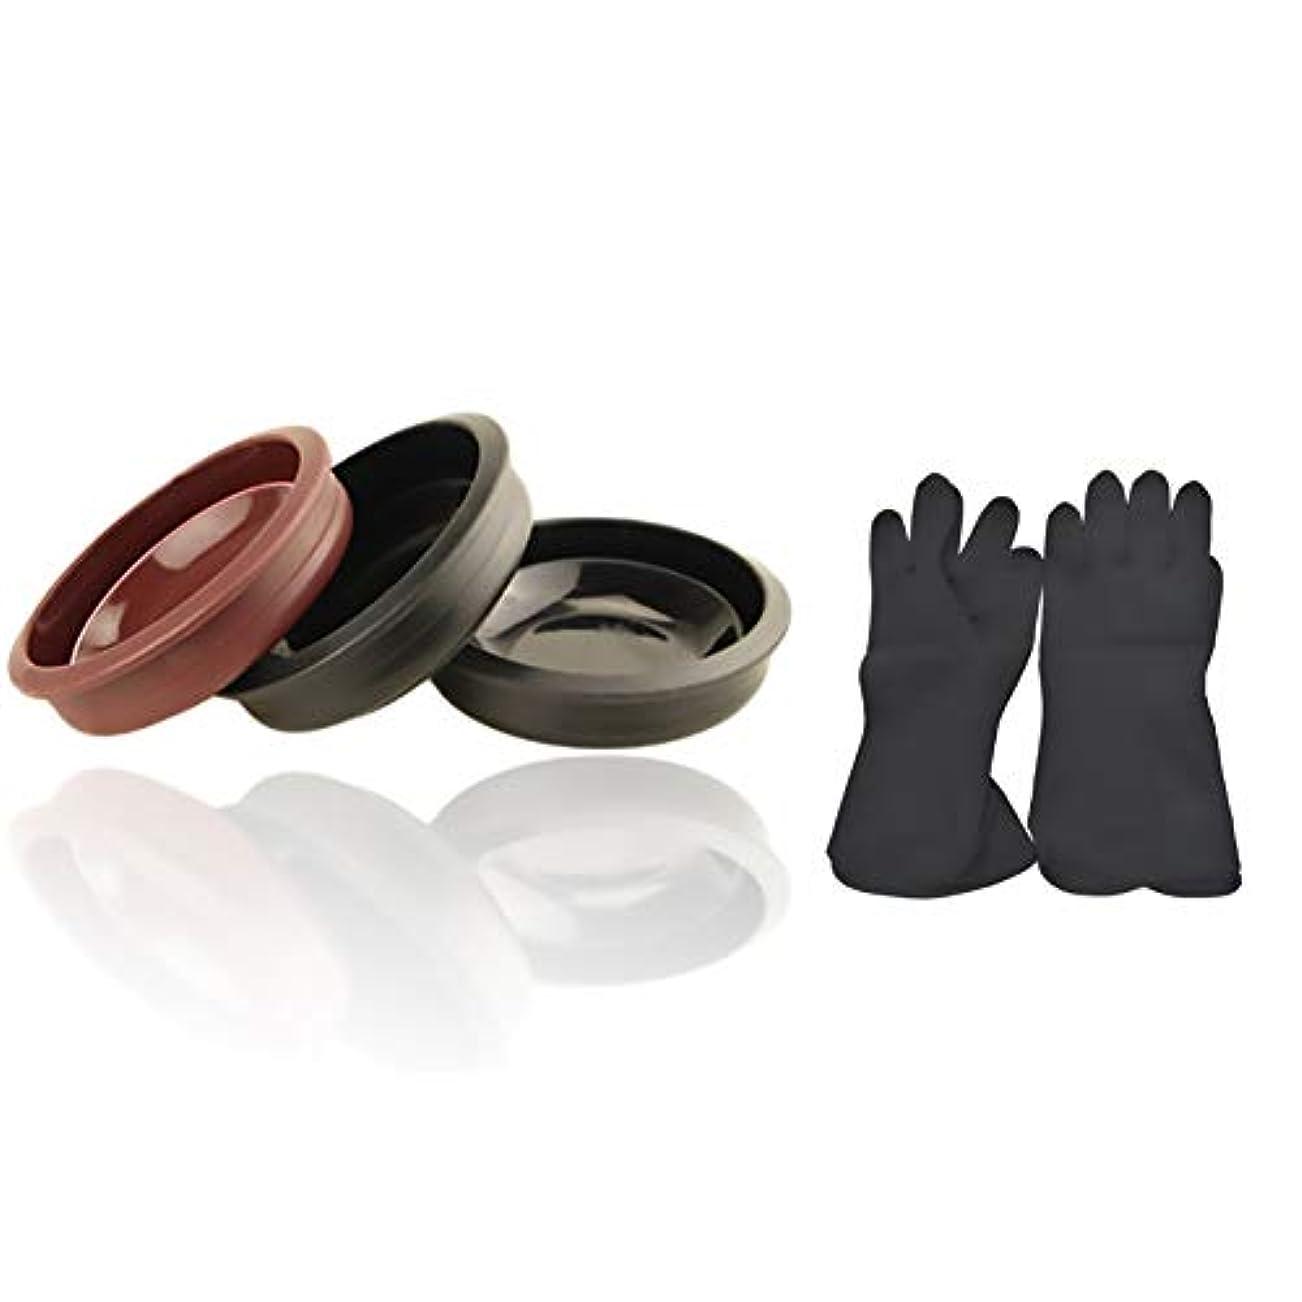 野菜達成するサンダルTofover 3ピースヘアカラーミキシングボウルと20カウントヘアダイ手袋、黒の再利用可能なゴム手袋、ヘアサロンヘア染色のためのプロのヘアカラーツールキット